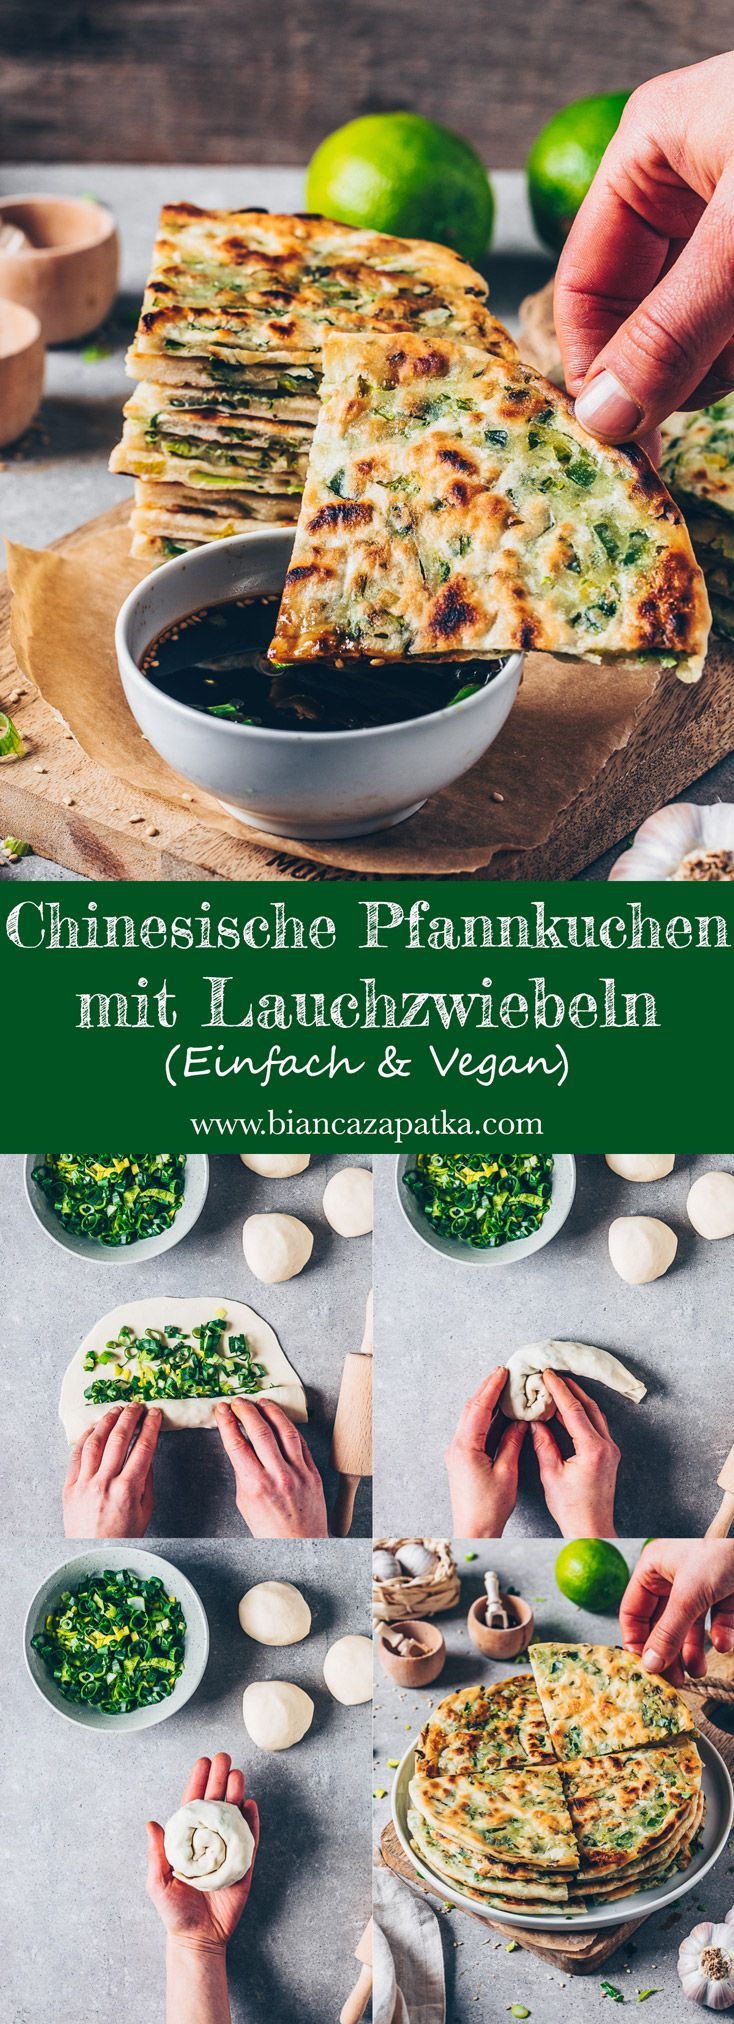 Pfannkuchen mit Lauchzwiebeln (Chinesische Art) - Bianca Zapatka   Rezepte